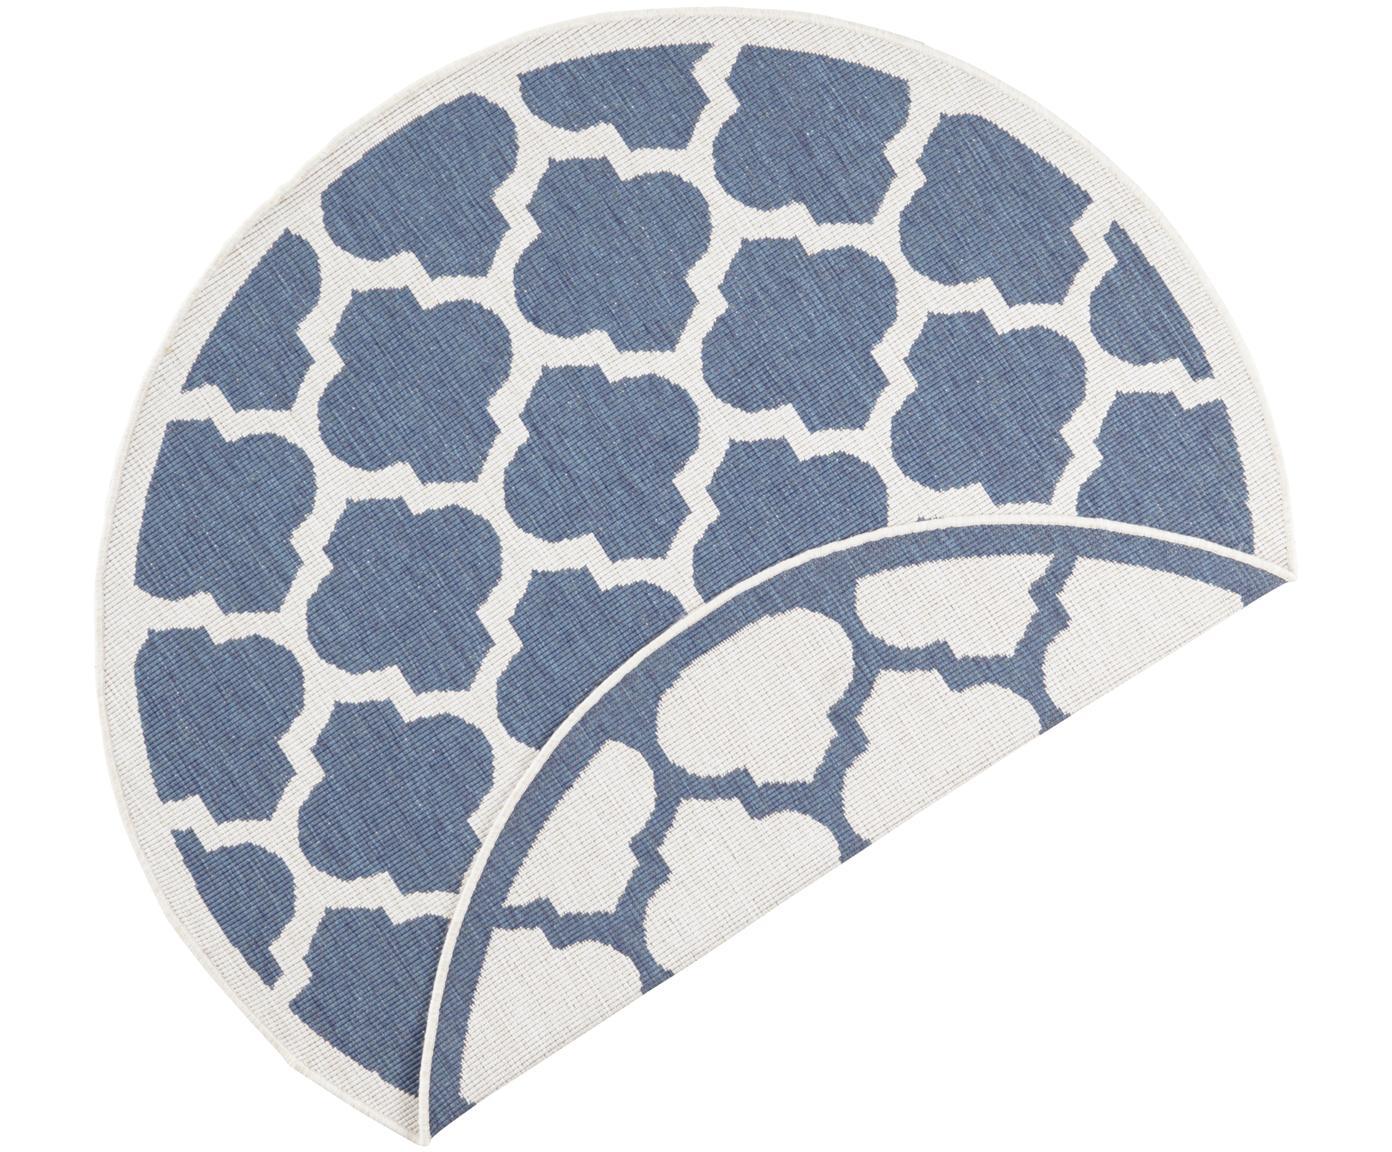 Okrągły dwustronny dywan wewnętrzny/zewnętrzny Palermo, Niebieski, kremowy, Ø 140 cm (Rozmiar M)